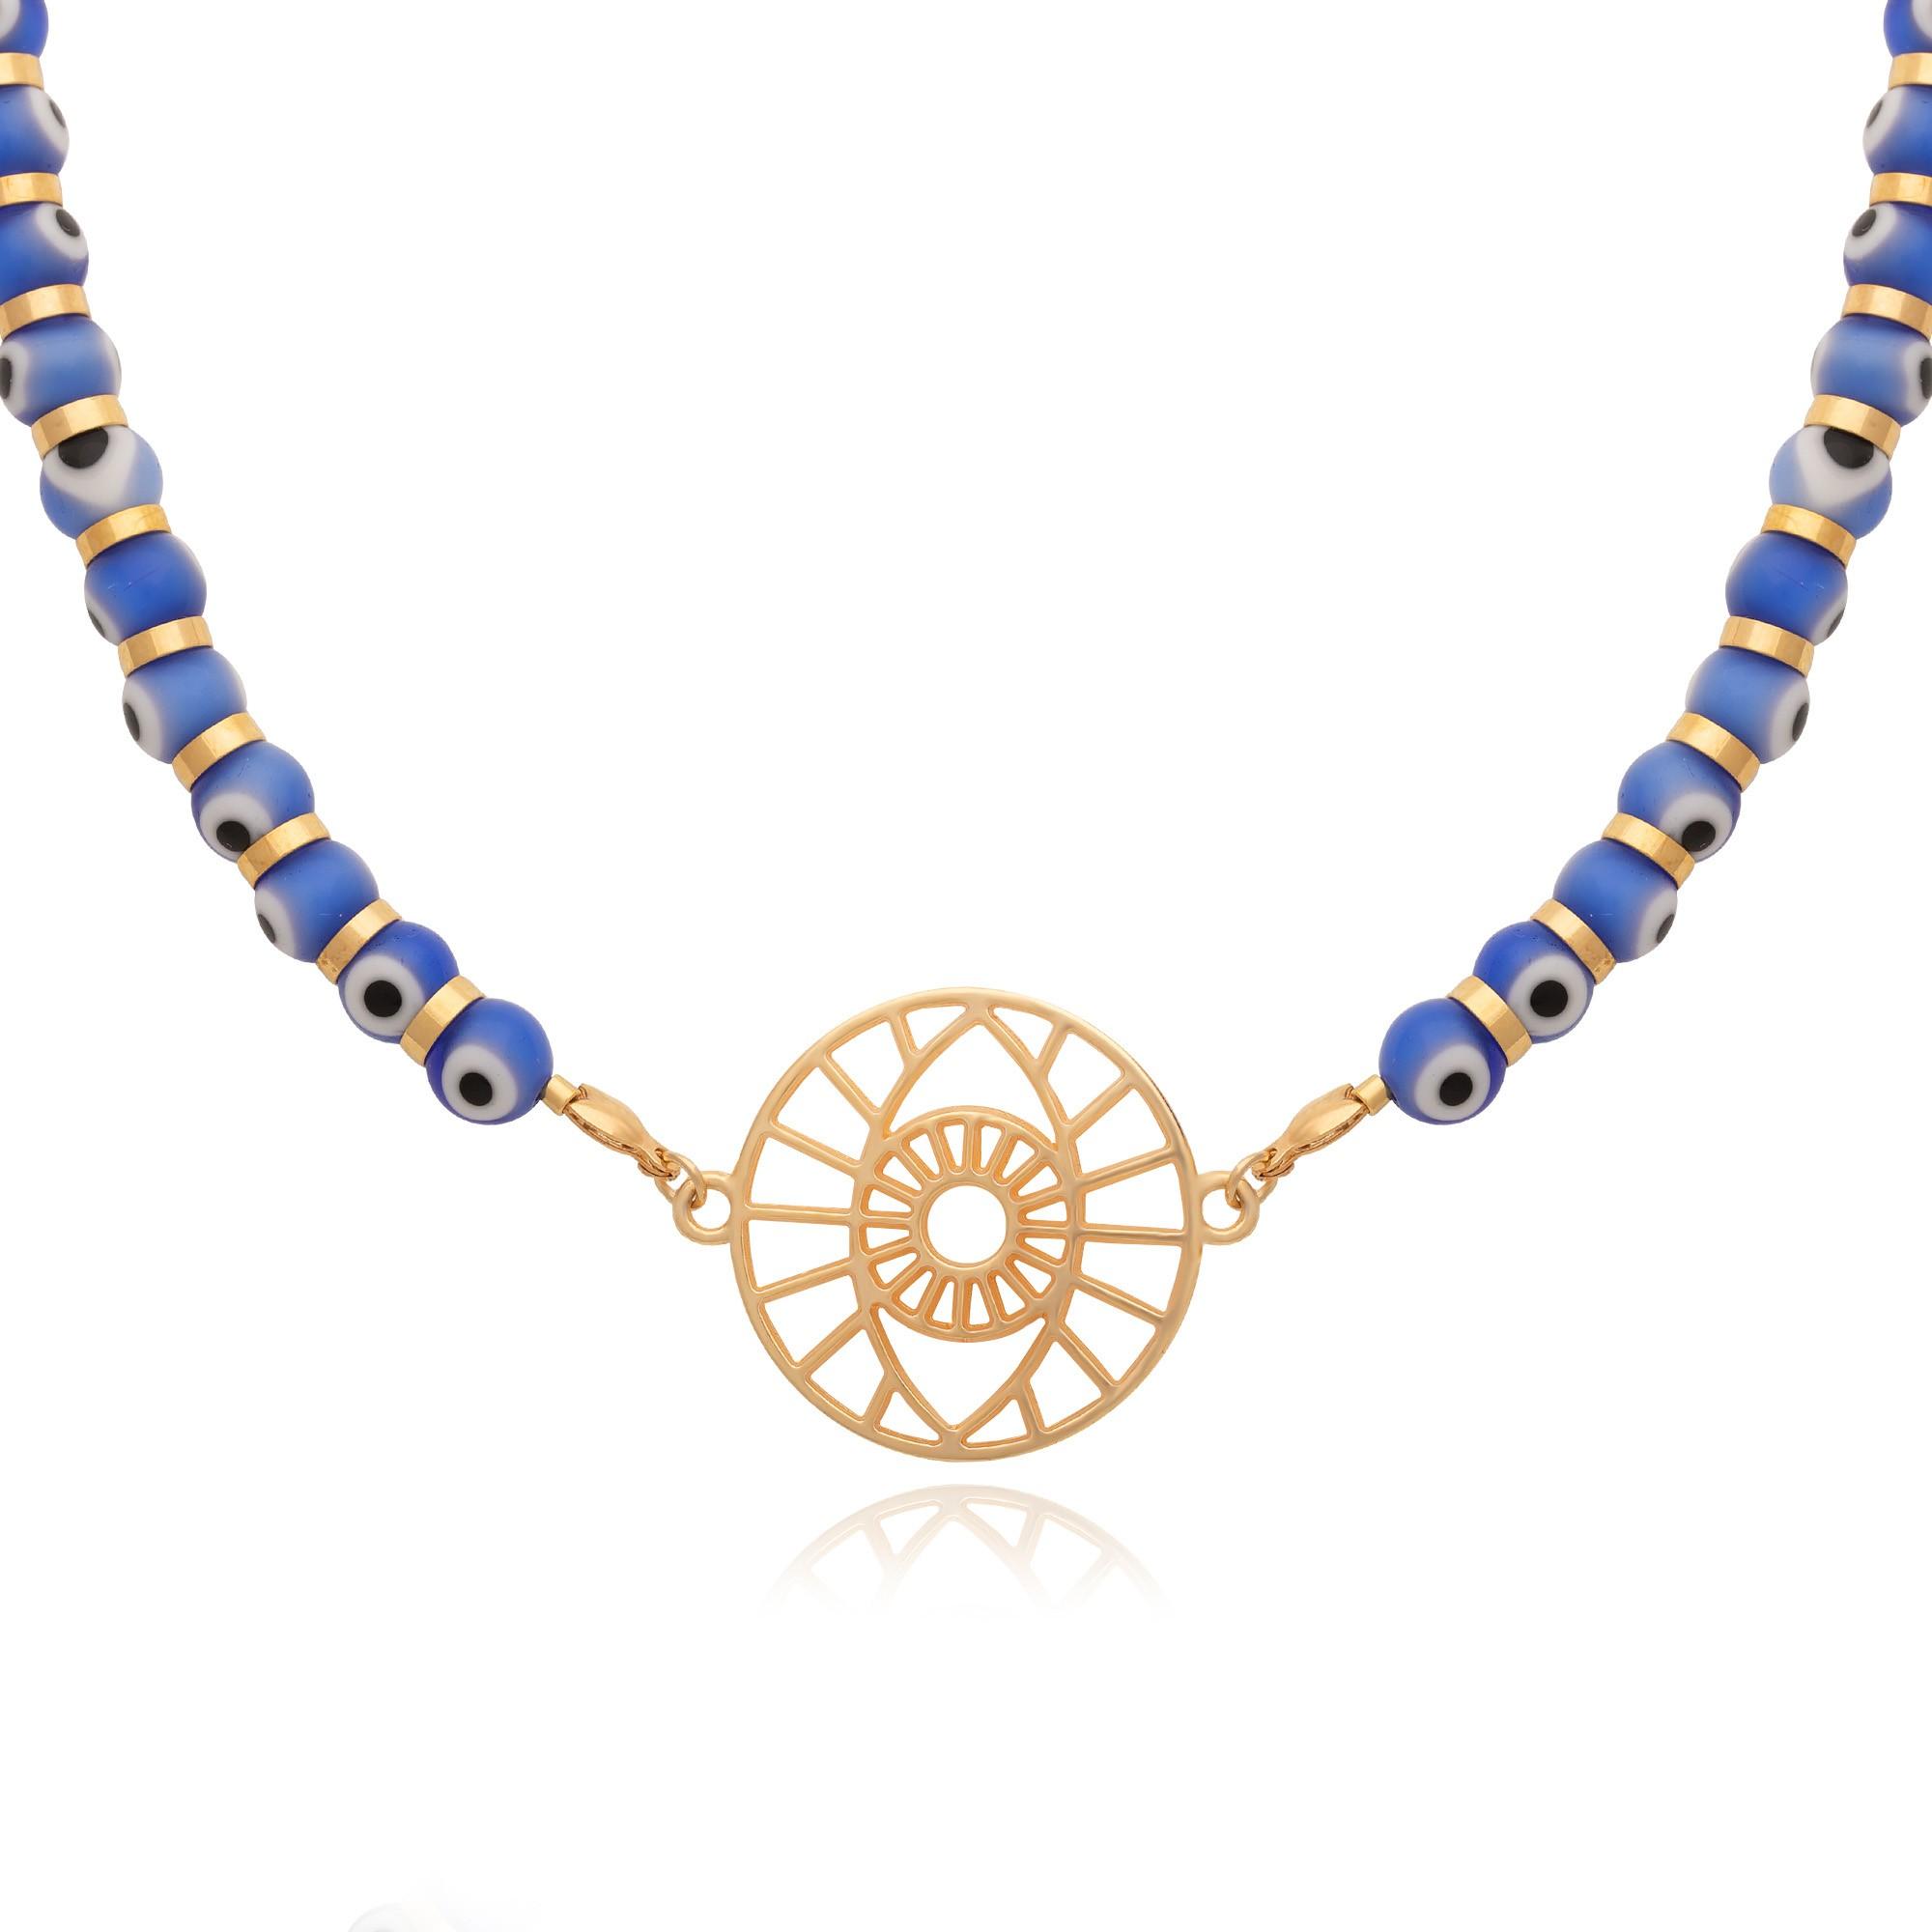 Colar olho grego azul com pingente banhado à ouro 18k.  - bfdecor.com.br